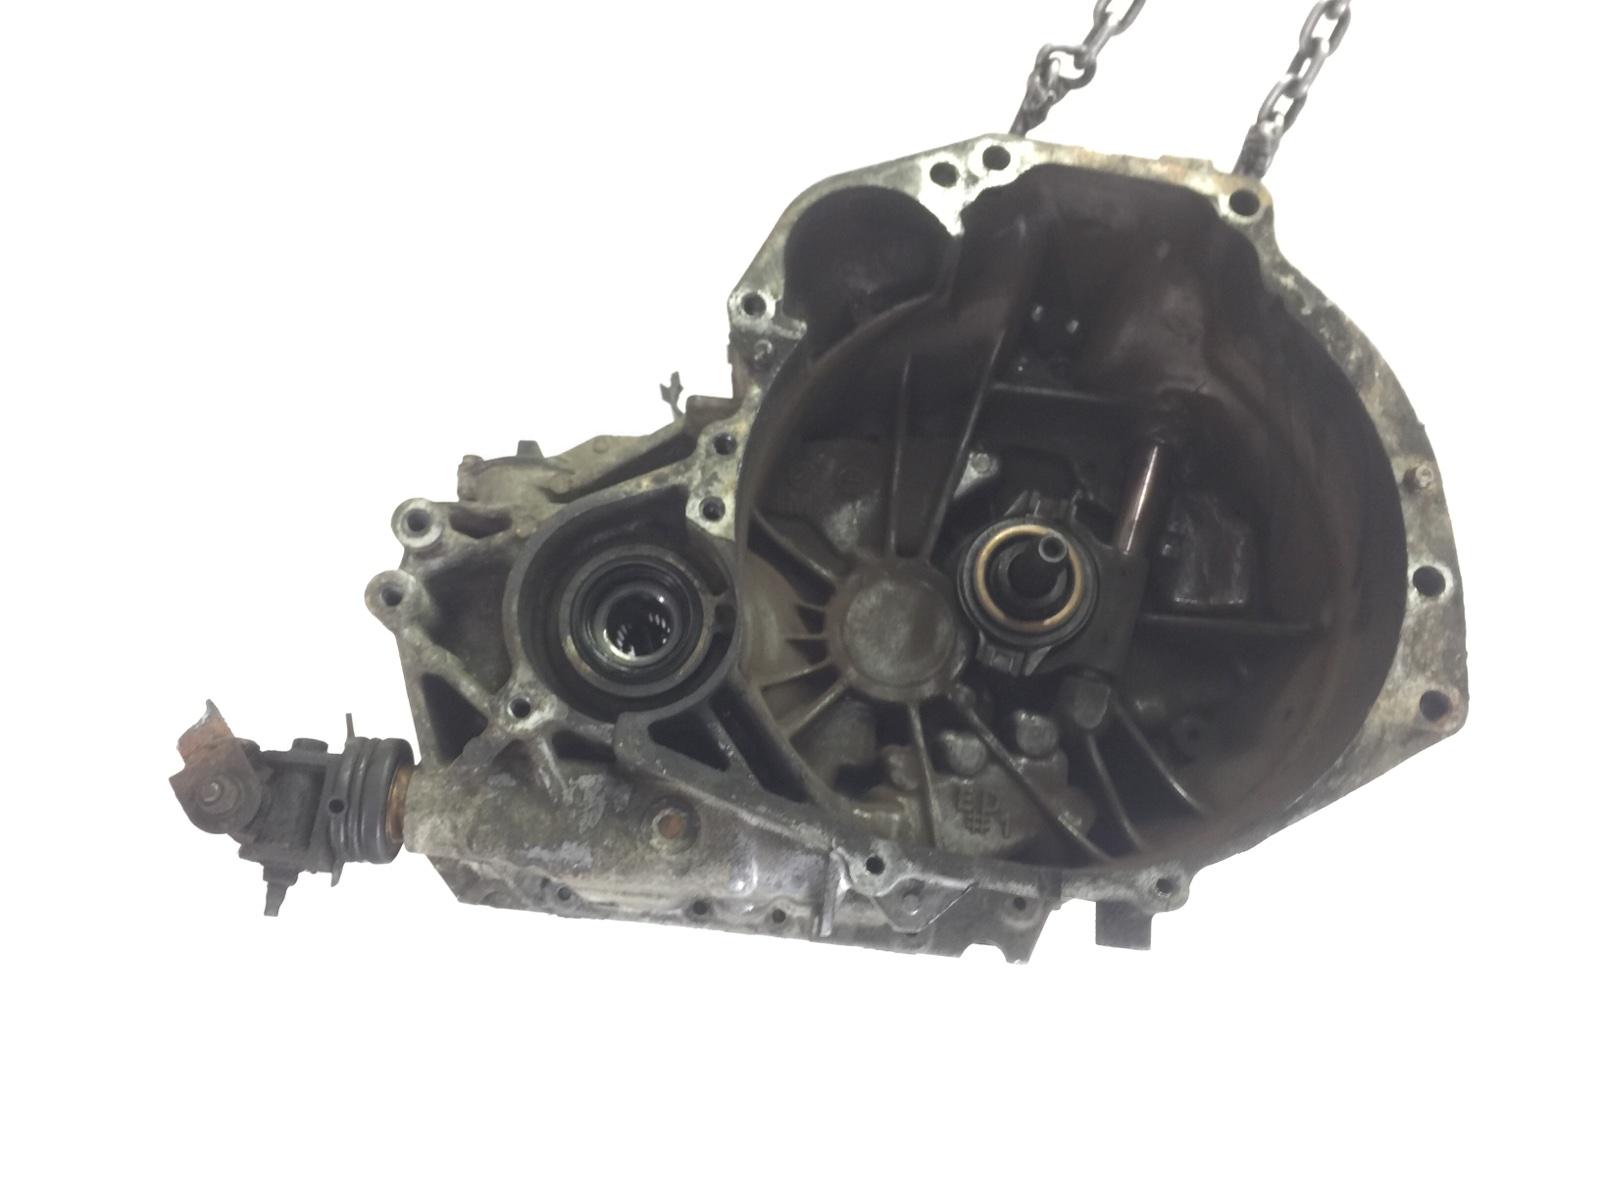 Кпп механическая (мкпп) Nissan Primera P12 1.8 I 2006 (б/у)